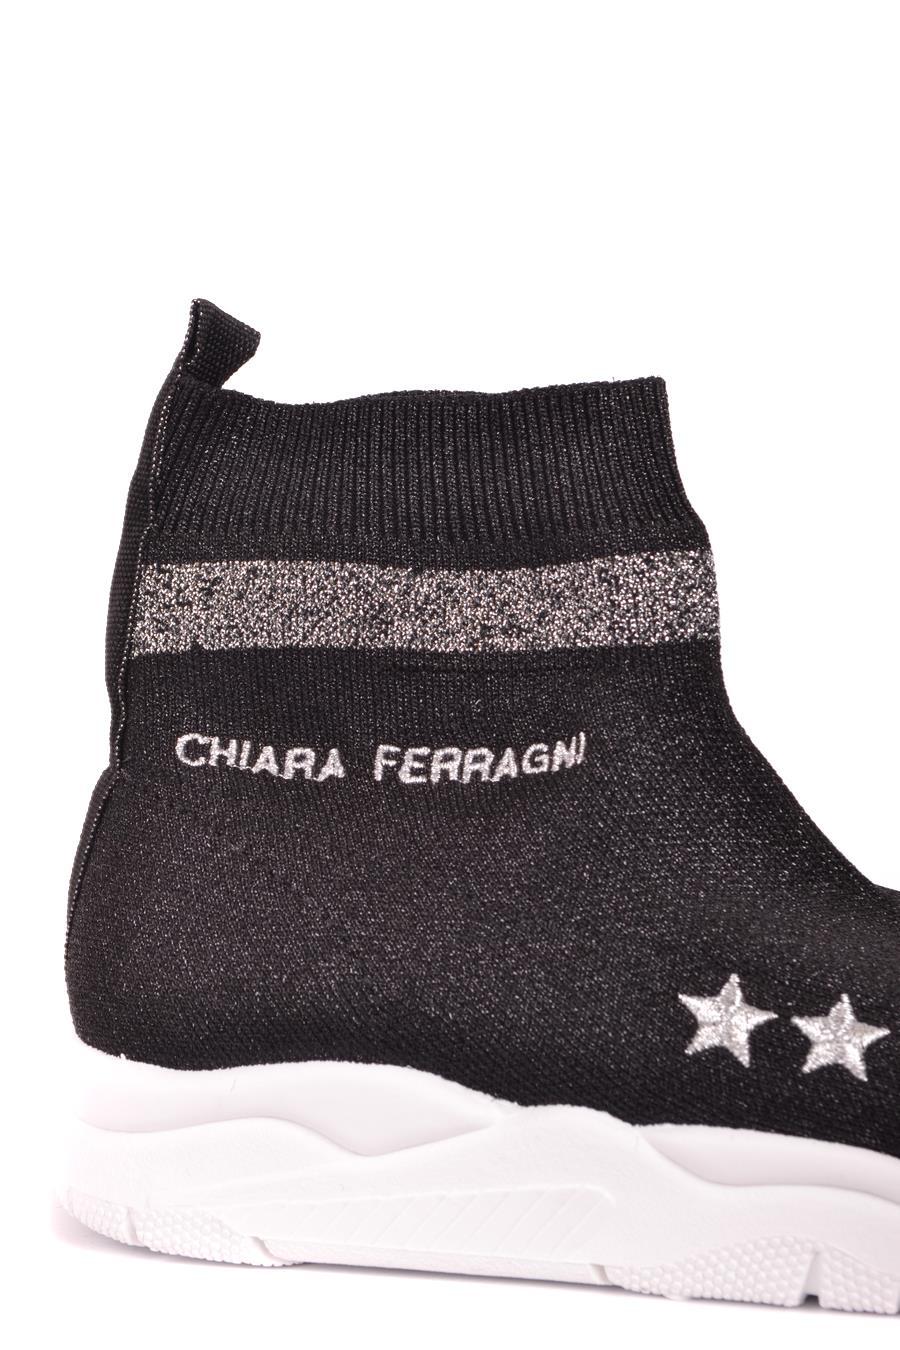 9b6882dff CHIARA FERRAGNI Sneakers | ViganoBoutique.com